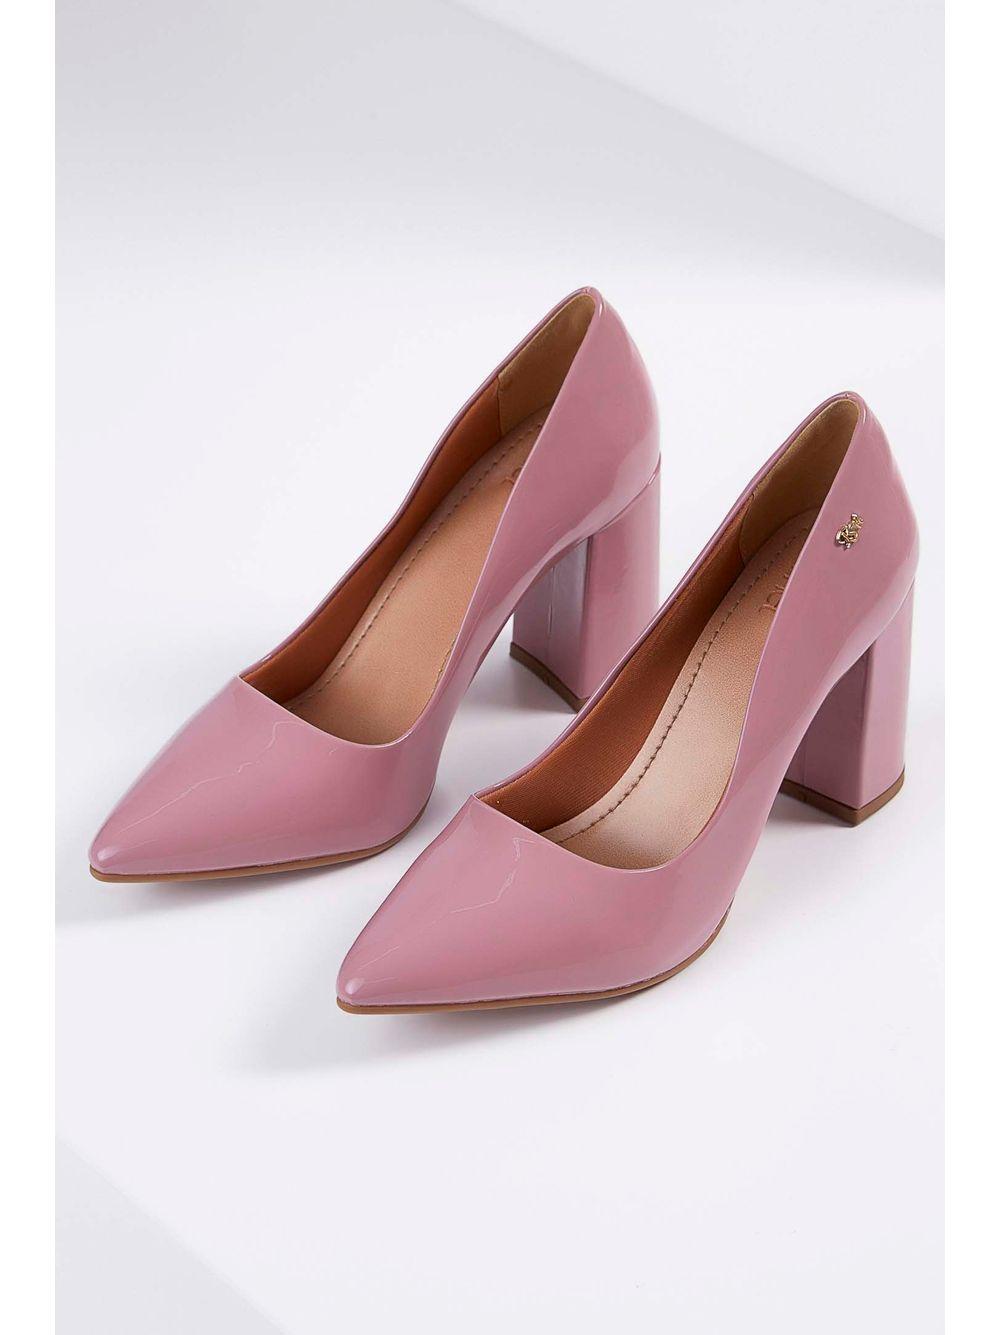 a90ee6b6b Sapato Scarpin Chá De Mel Verniz Bico Fino Rosa Escuro - pittol